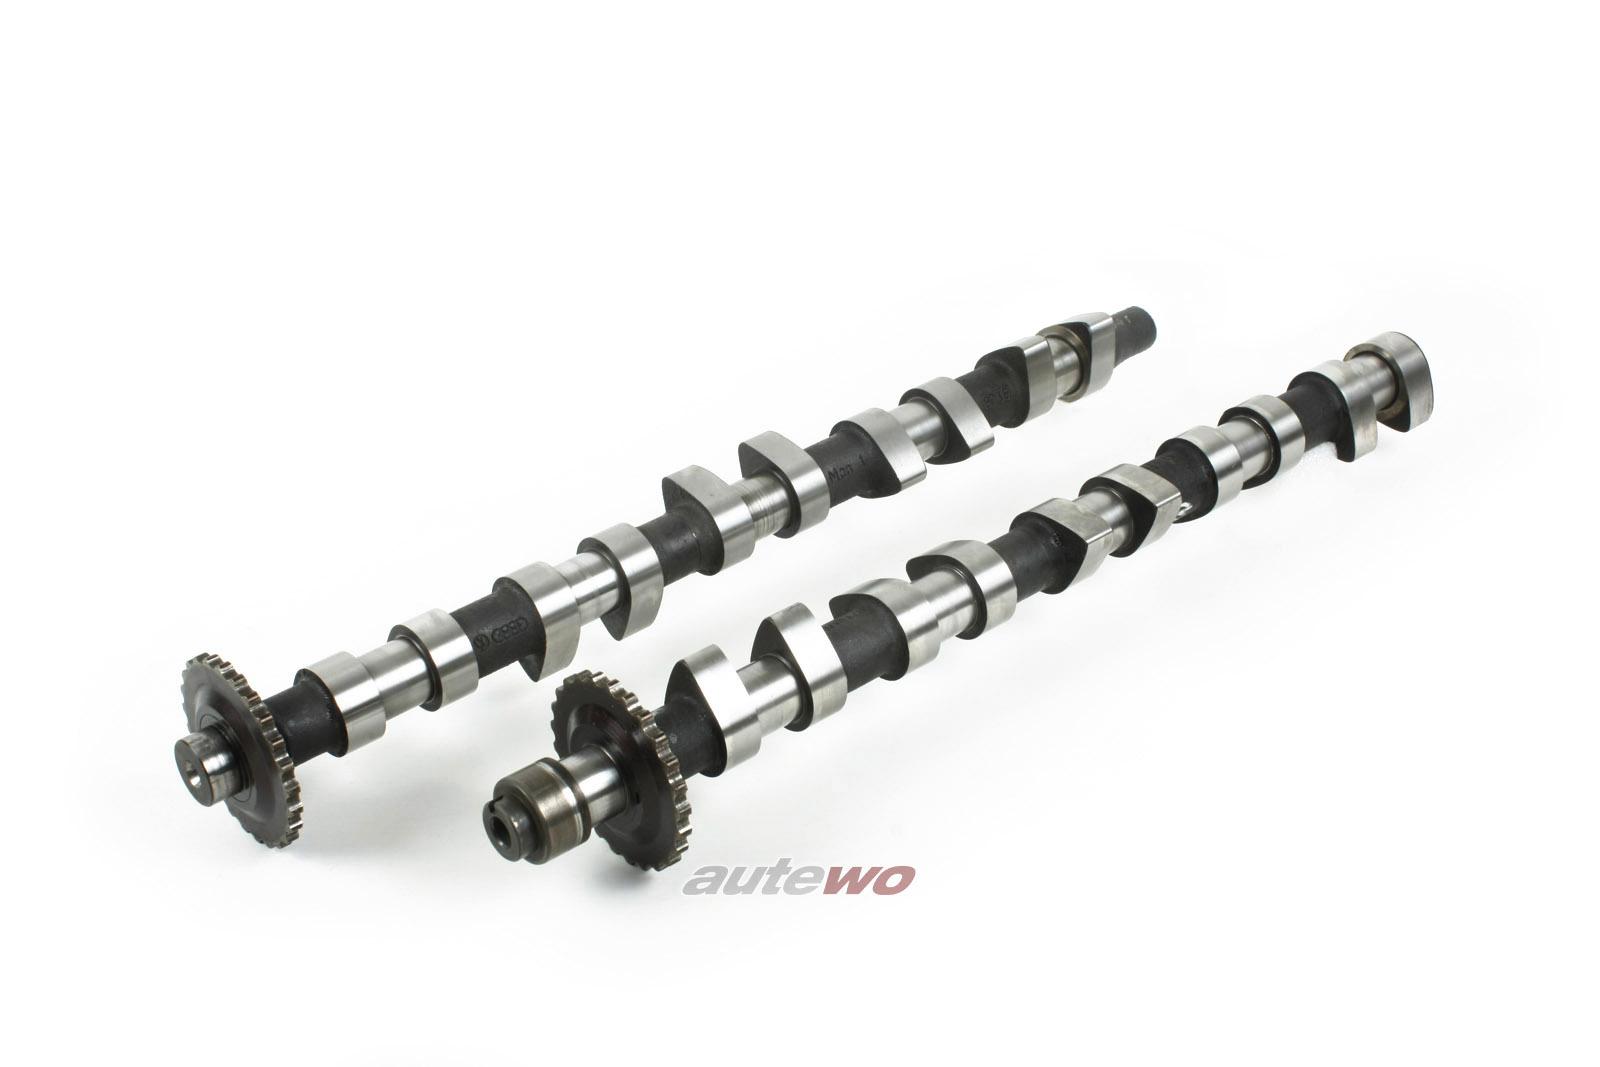 054109021/054109022 NEU Audi 90 20V/S2/S4/S6 C4/RS2/Urquattro 7A Nockenwellen